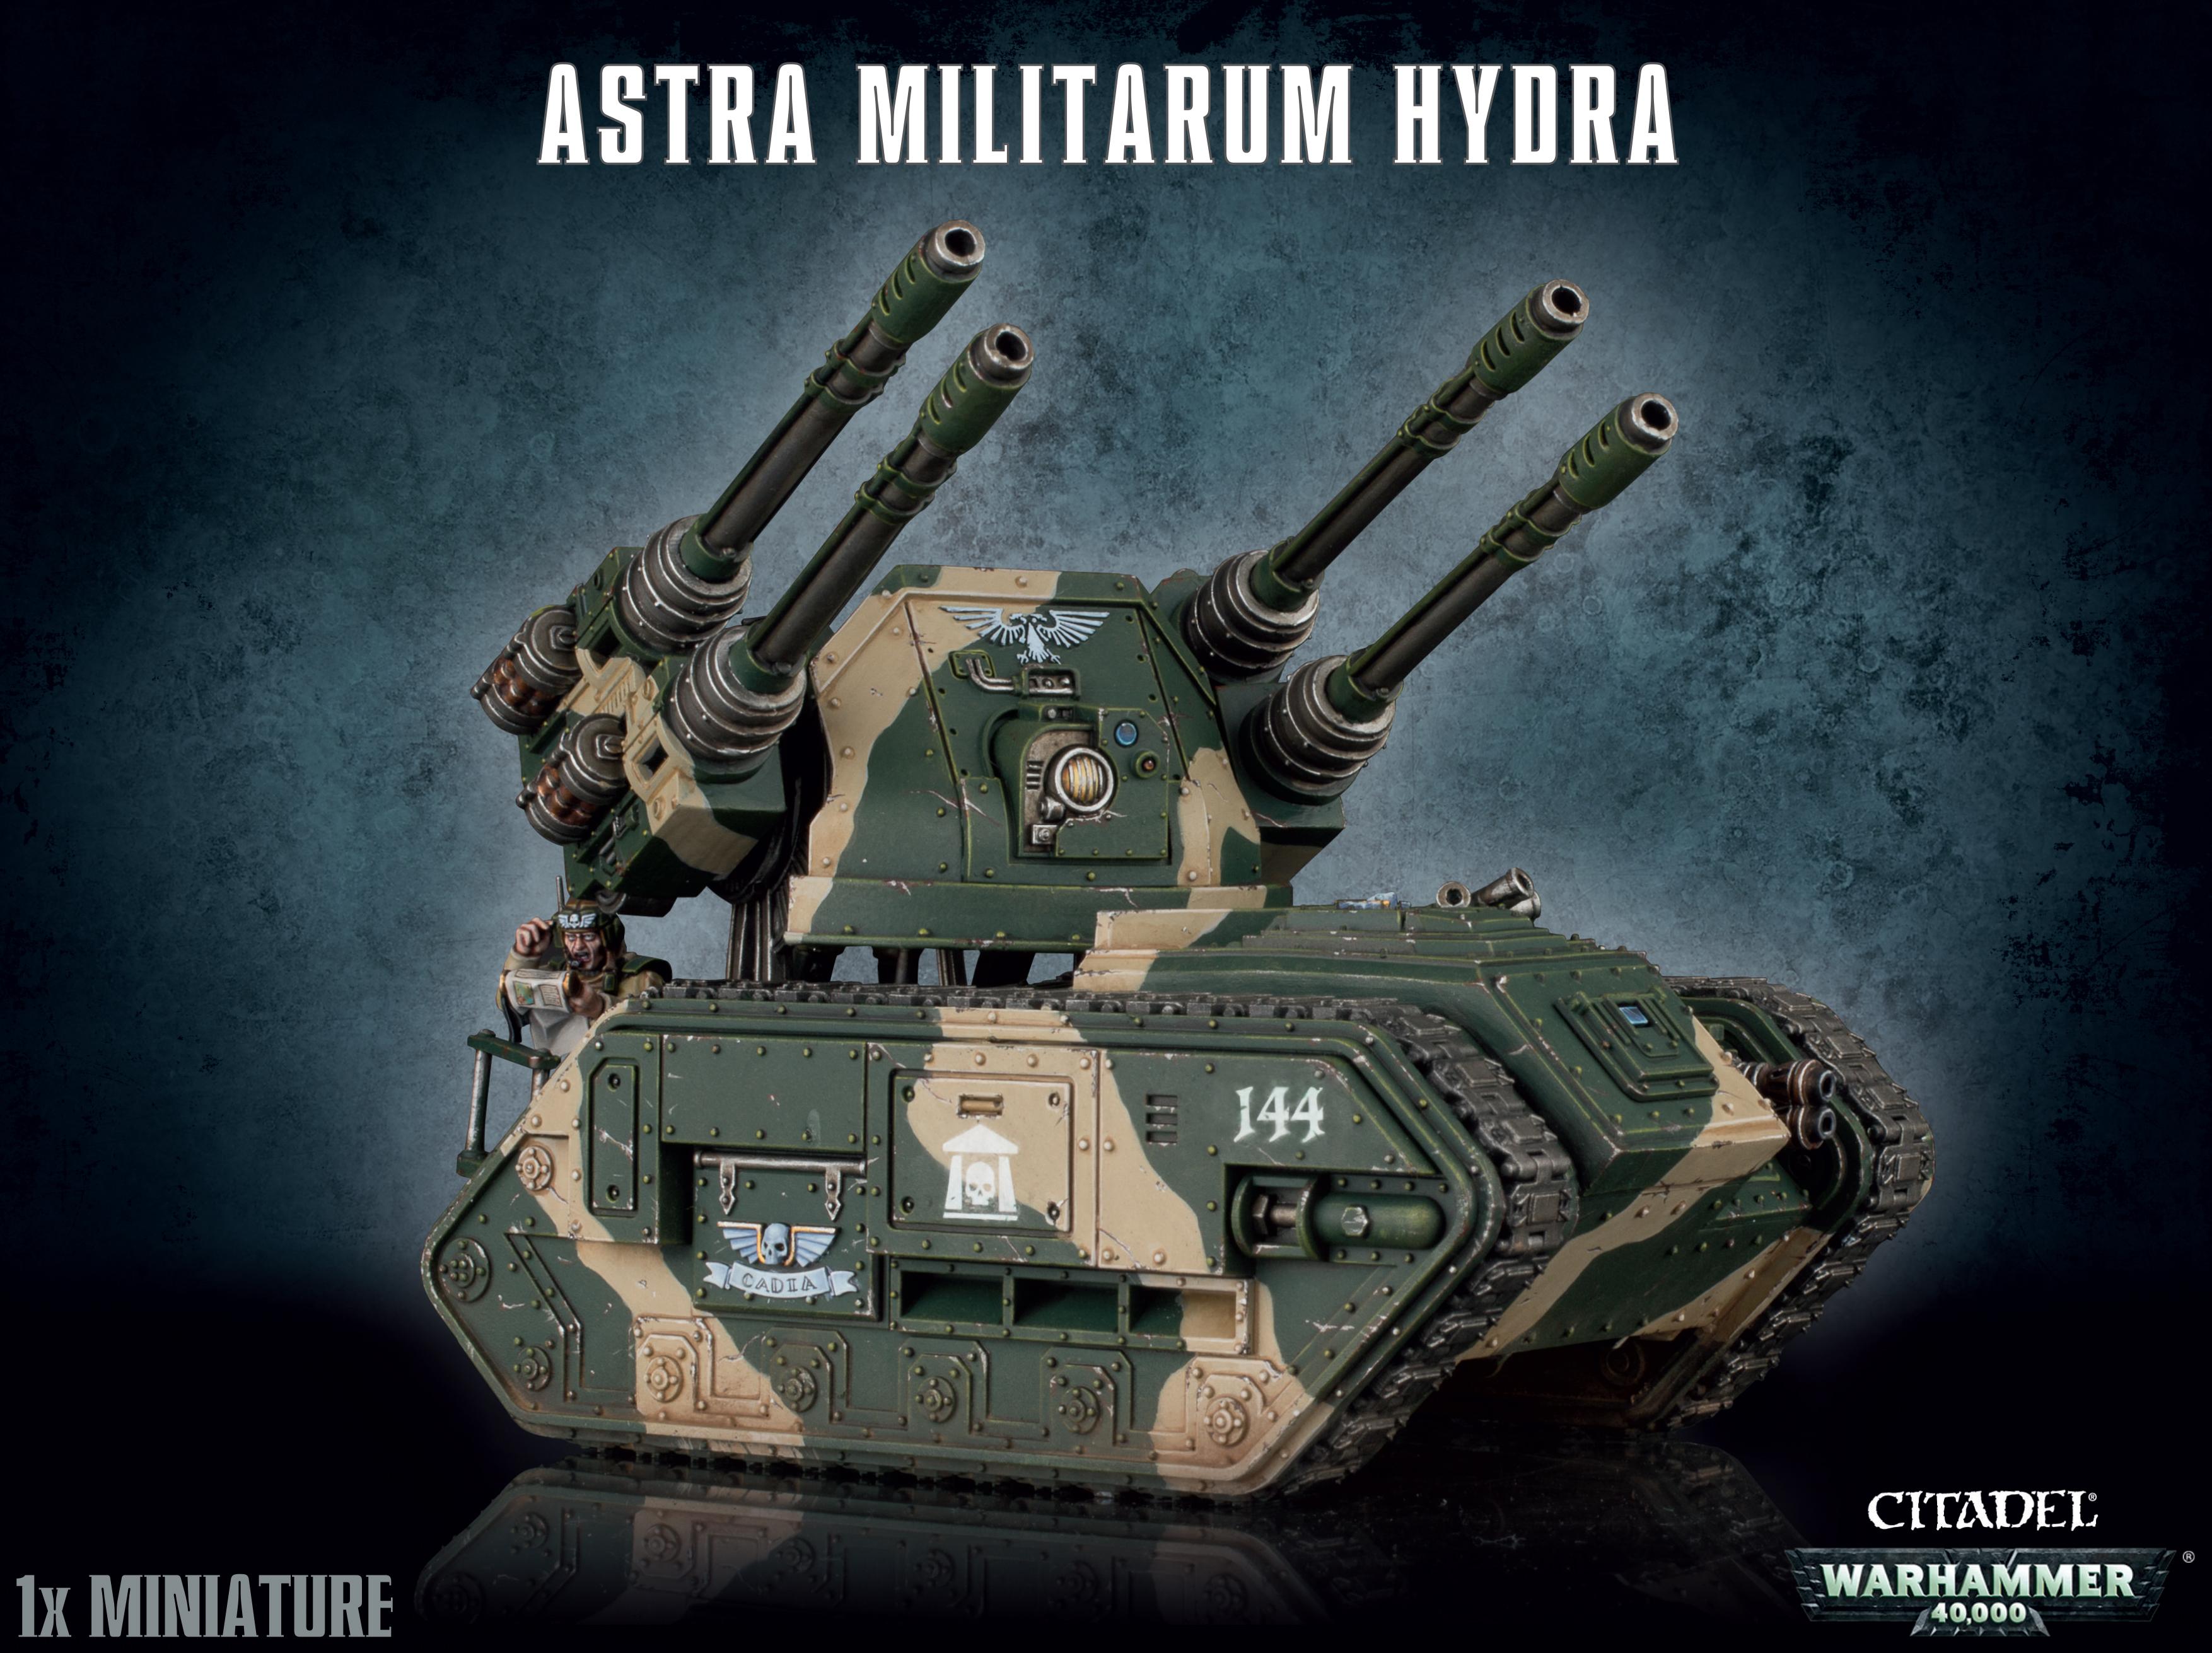 Warhammer 40k: Astra Militarum Hydra/wyvern